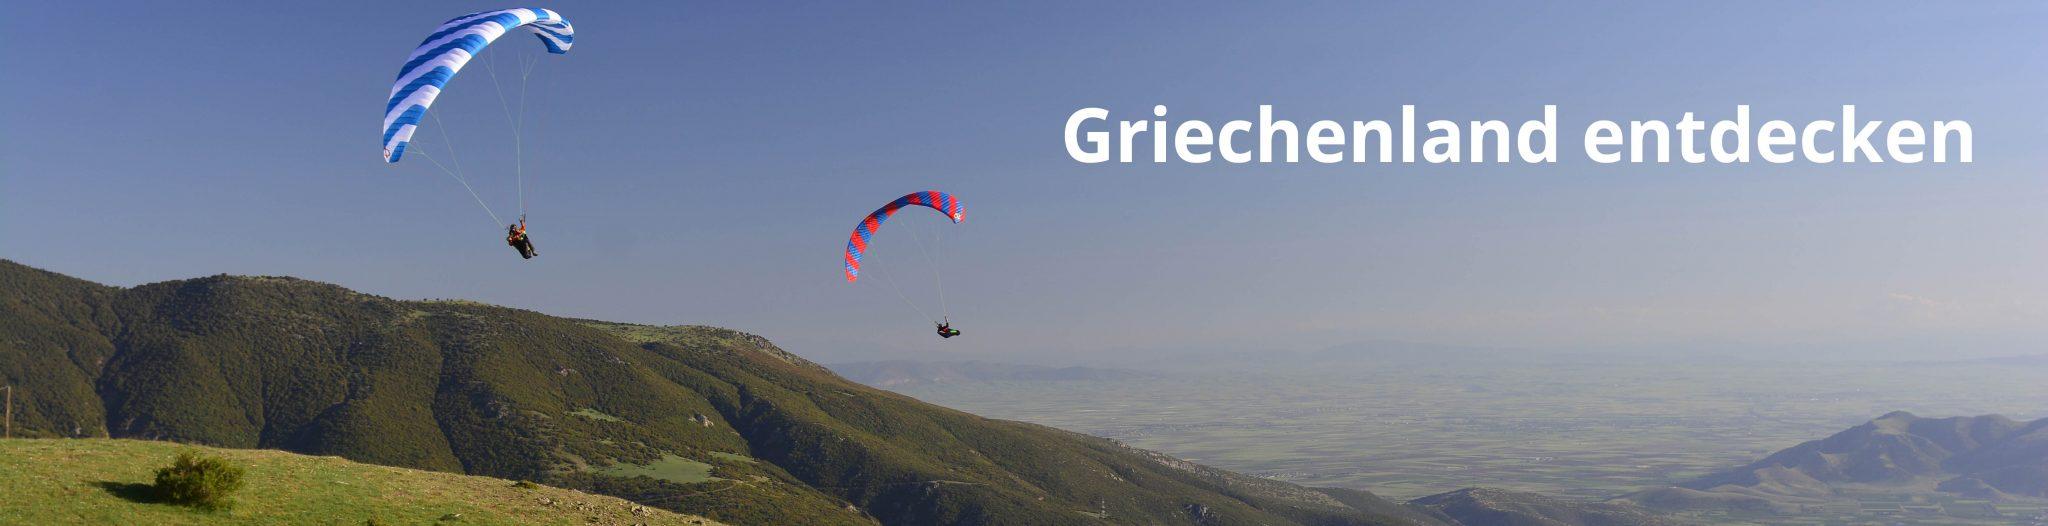 Gleitschirmflugreise Griechenland